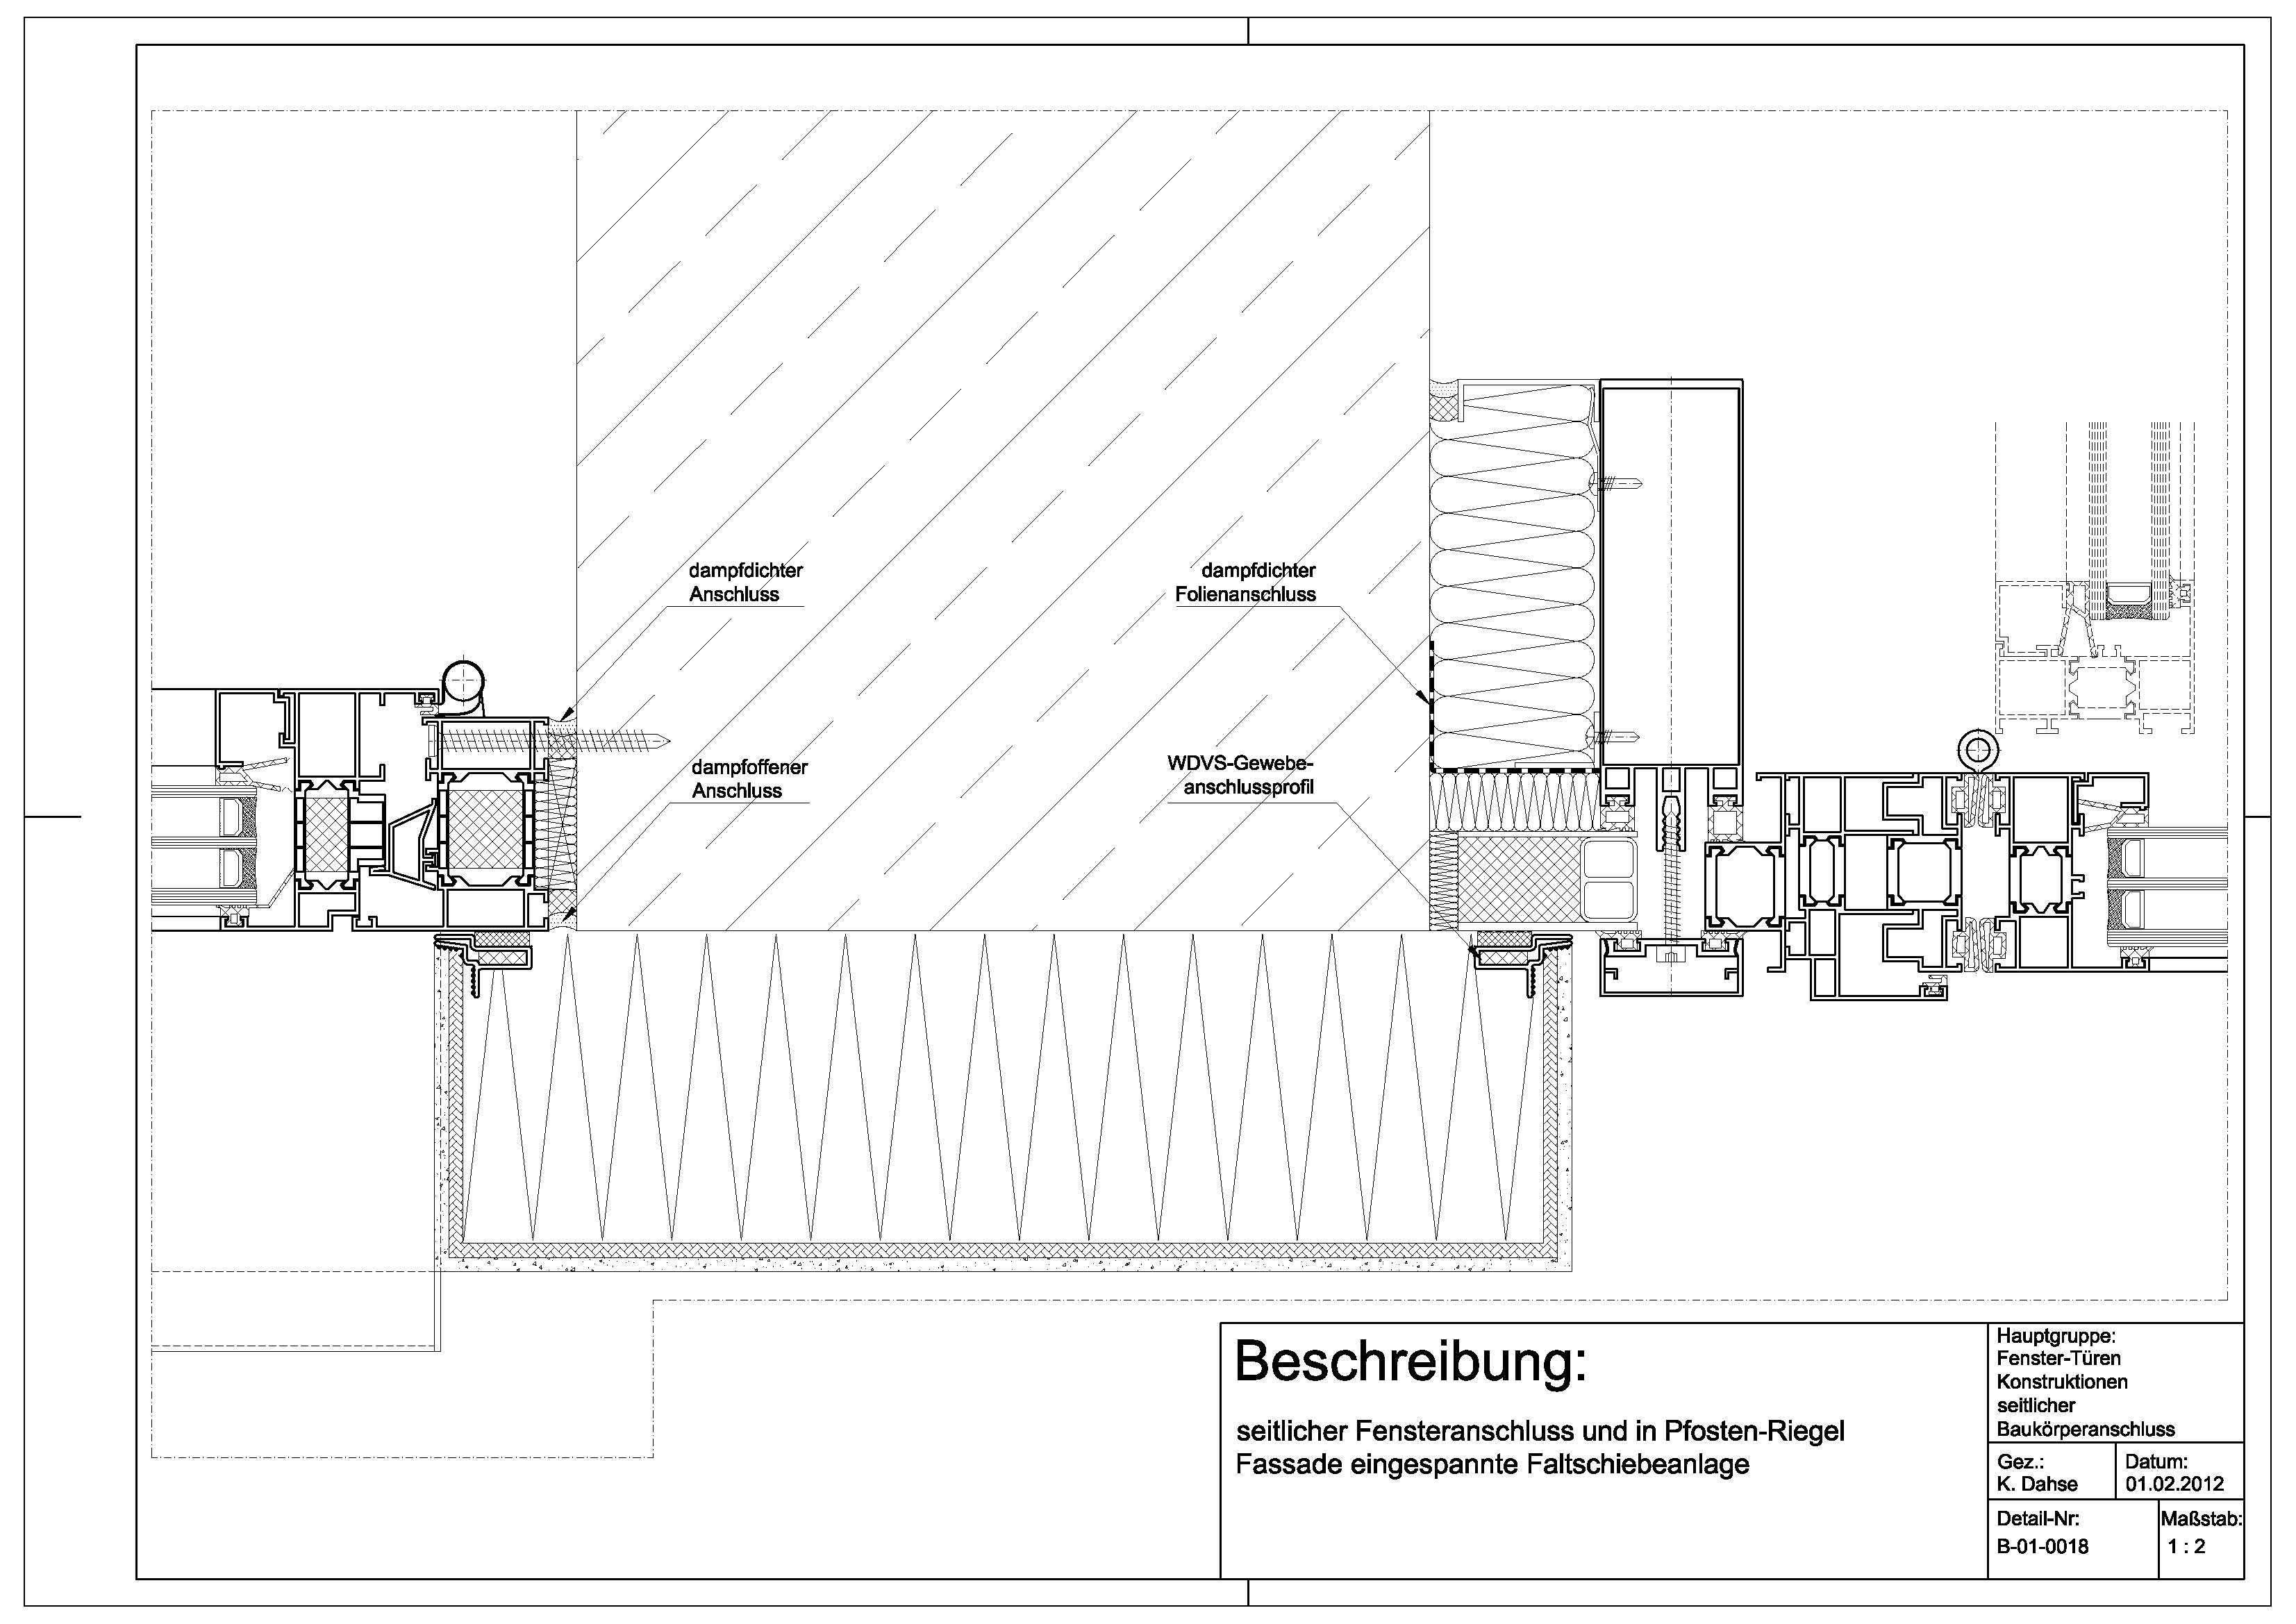 Tür detail anschluss  A-01-0013 Anschluss WDVS an einer nach innen öffnenden Tür | Фасад ...